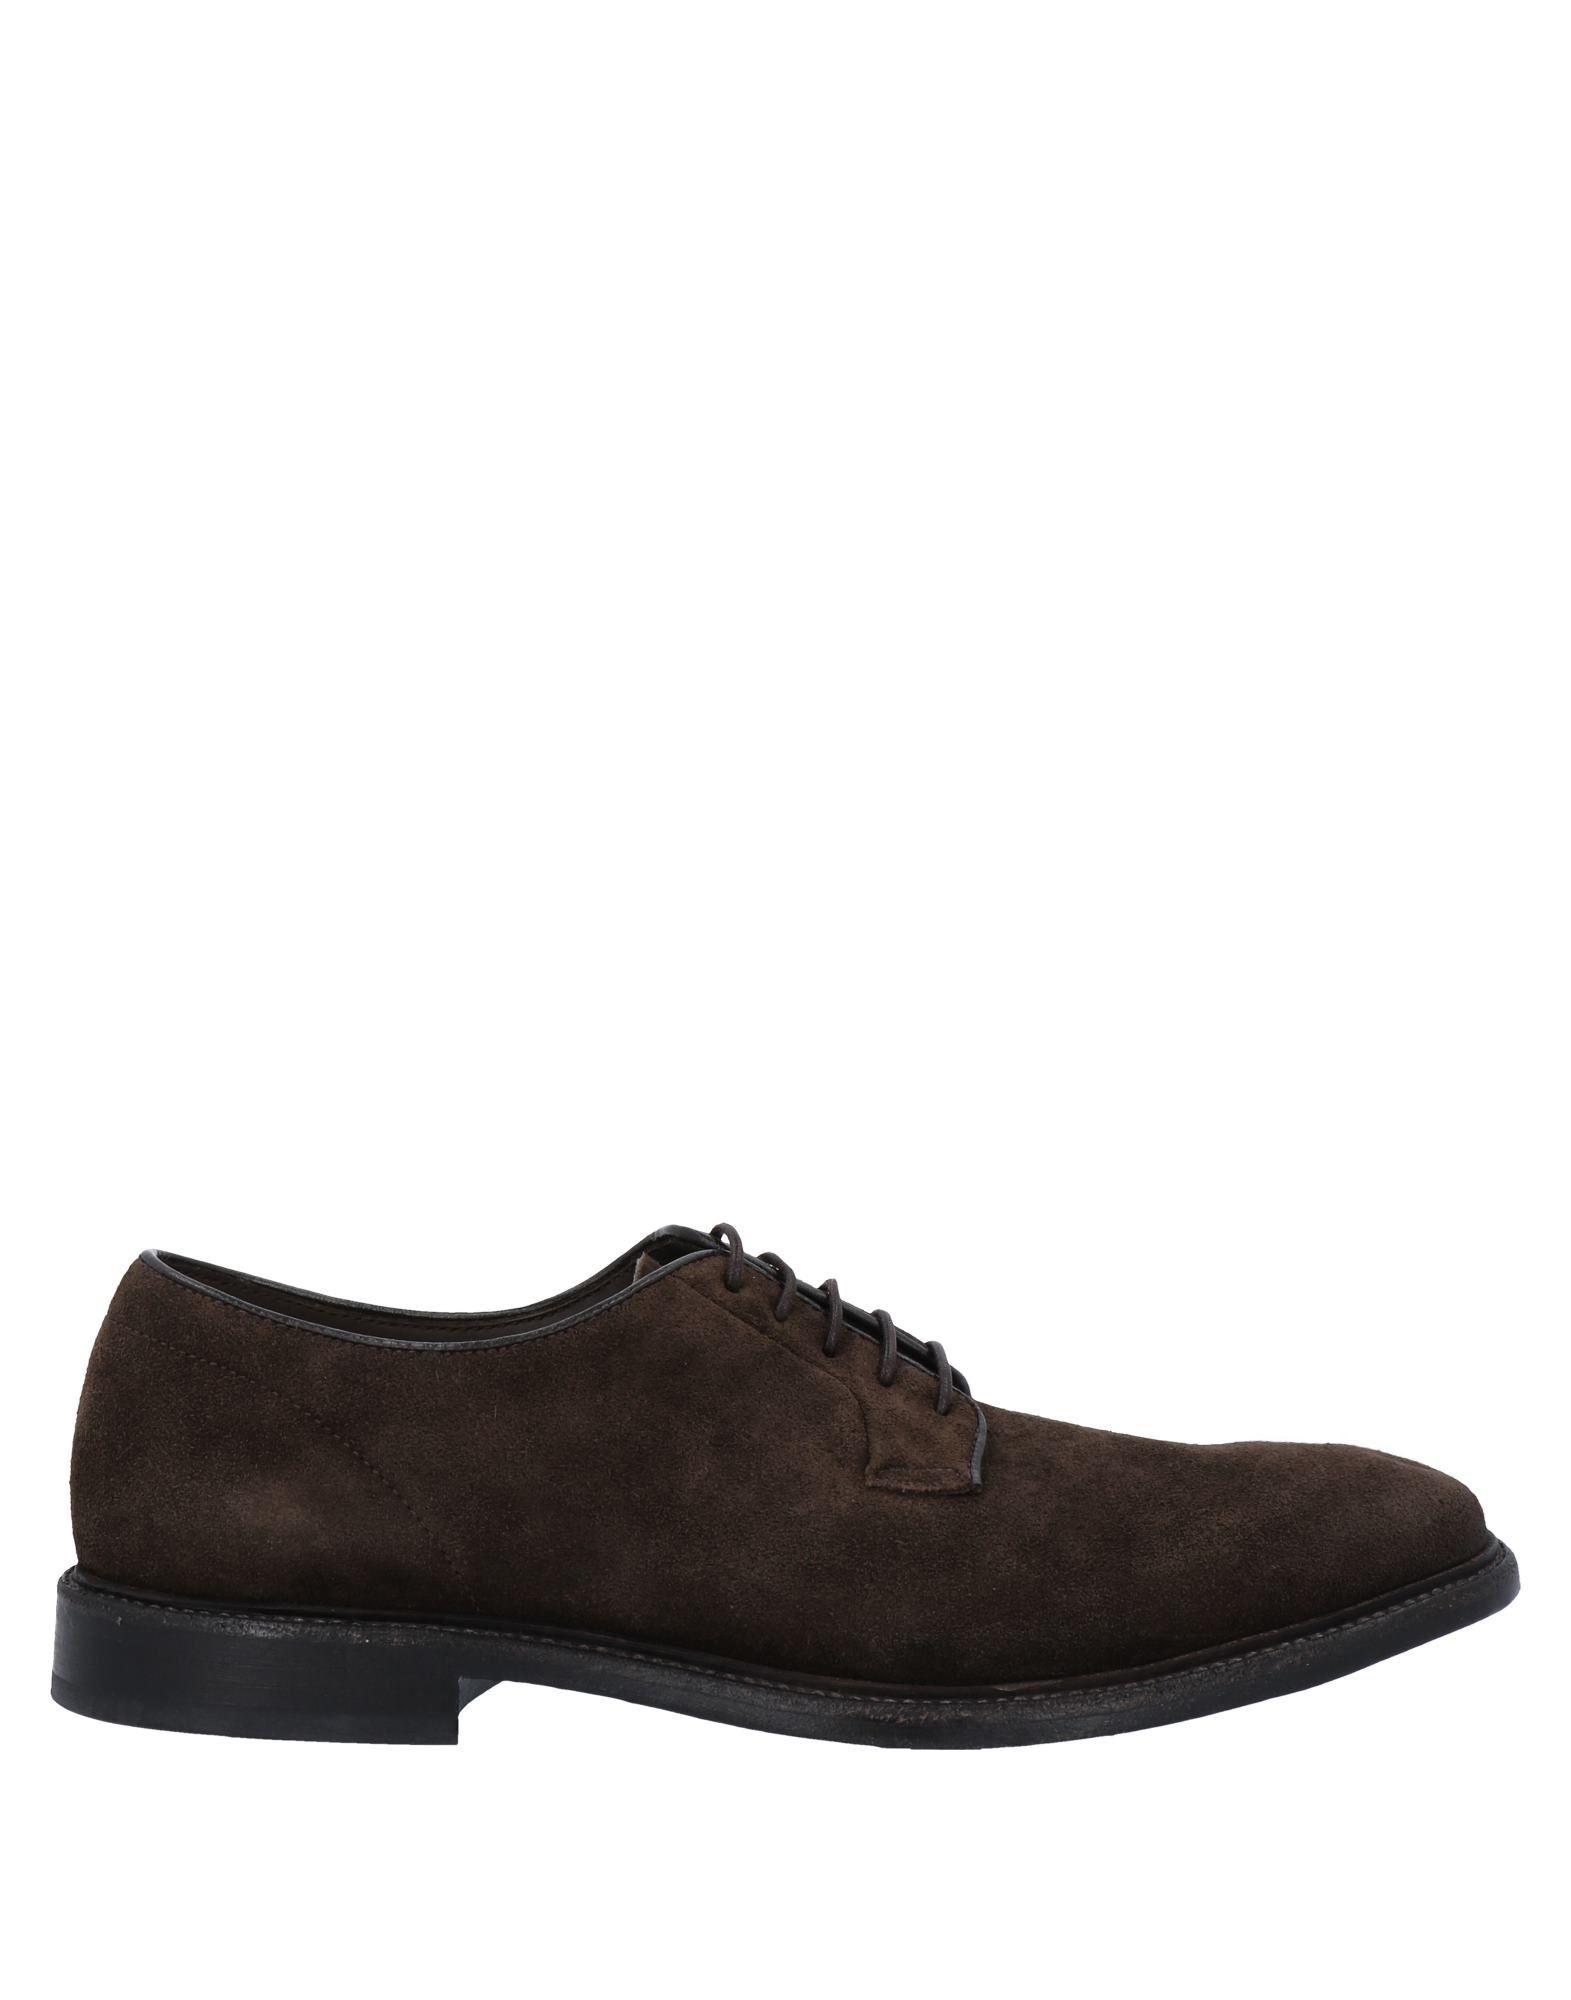 ANDY PARKER Lace-up shoes - Item 17008332